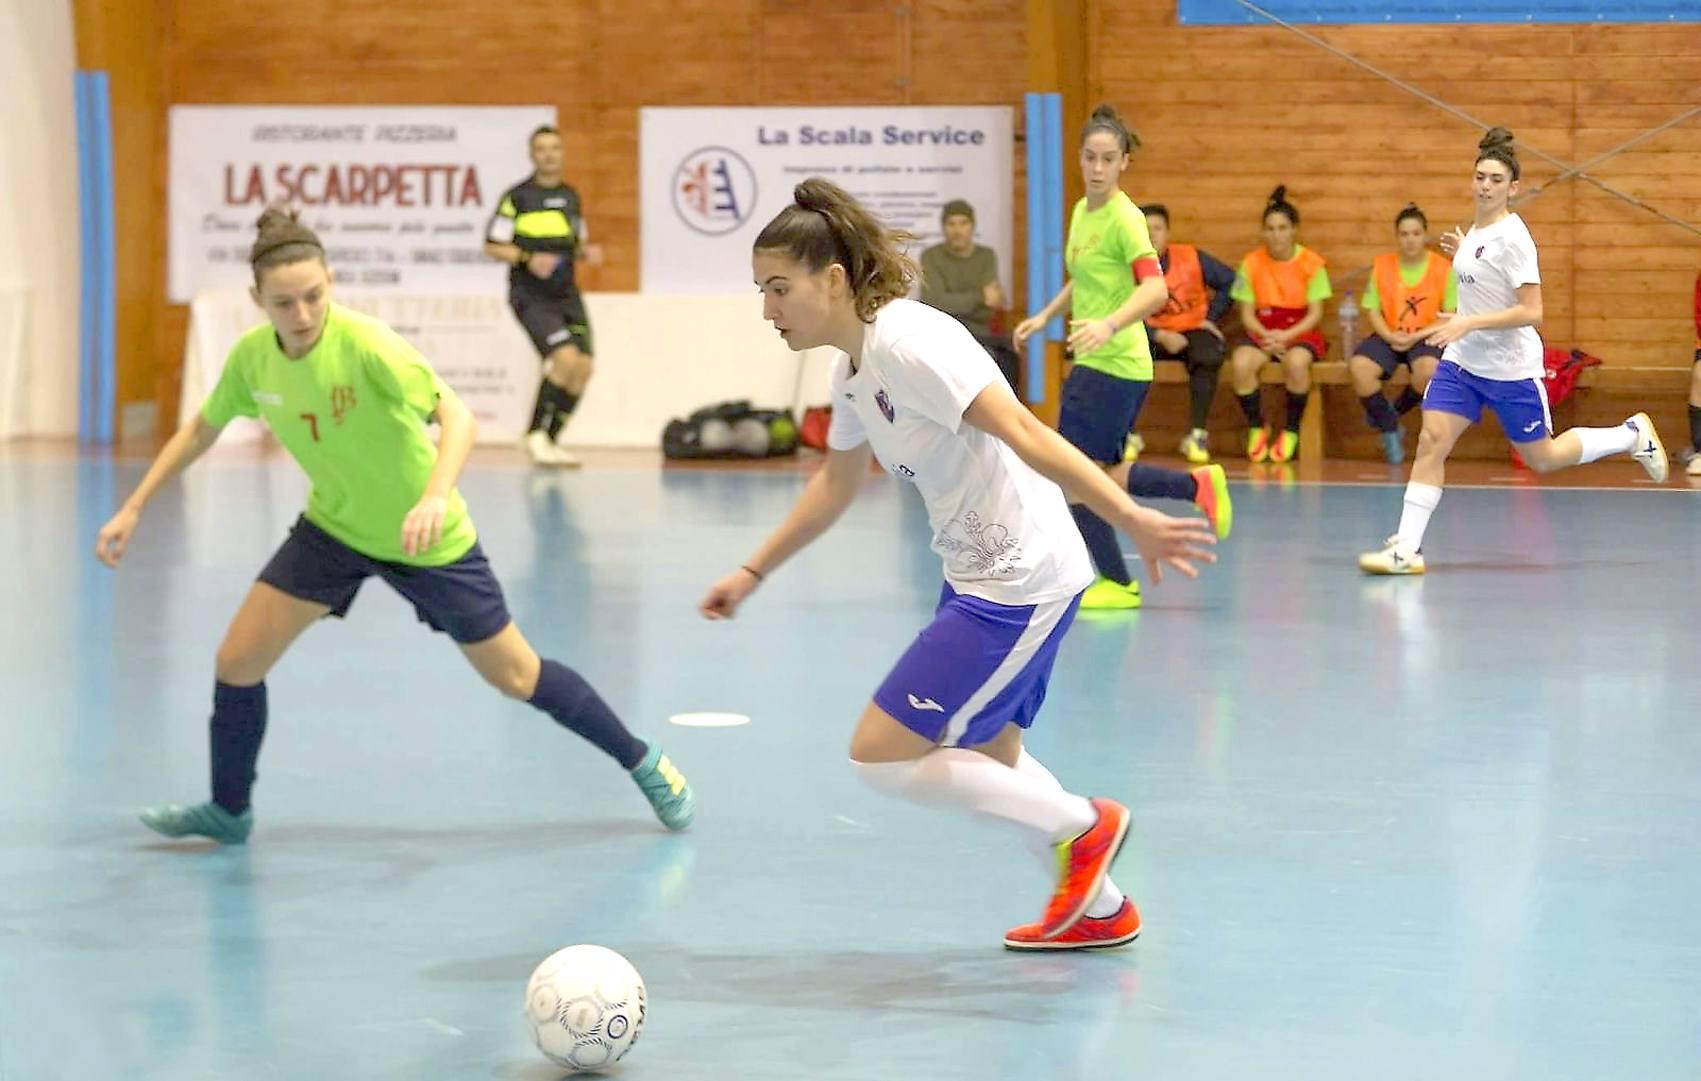 """Esther Laurí: """"Sería espectacular poder jugar en la máxima categoría del fútbol sala en Italia"""""""